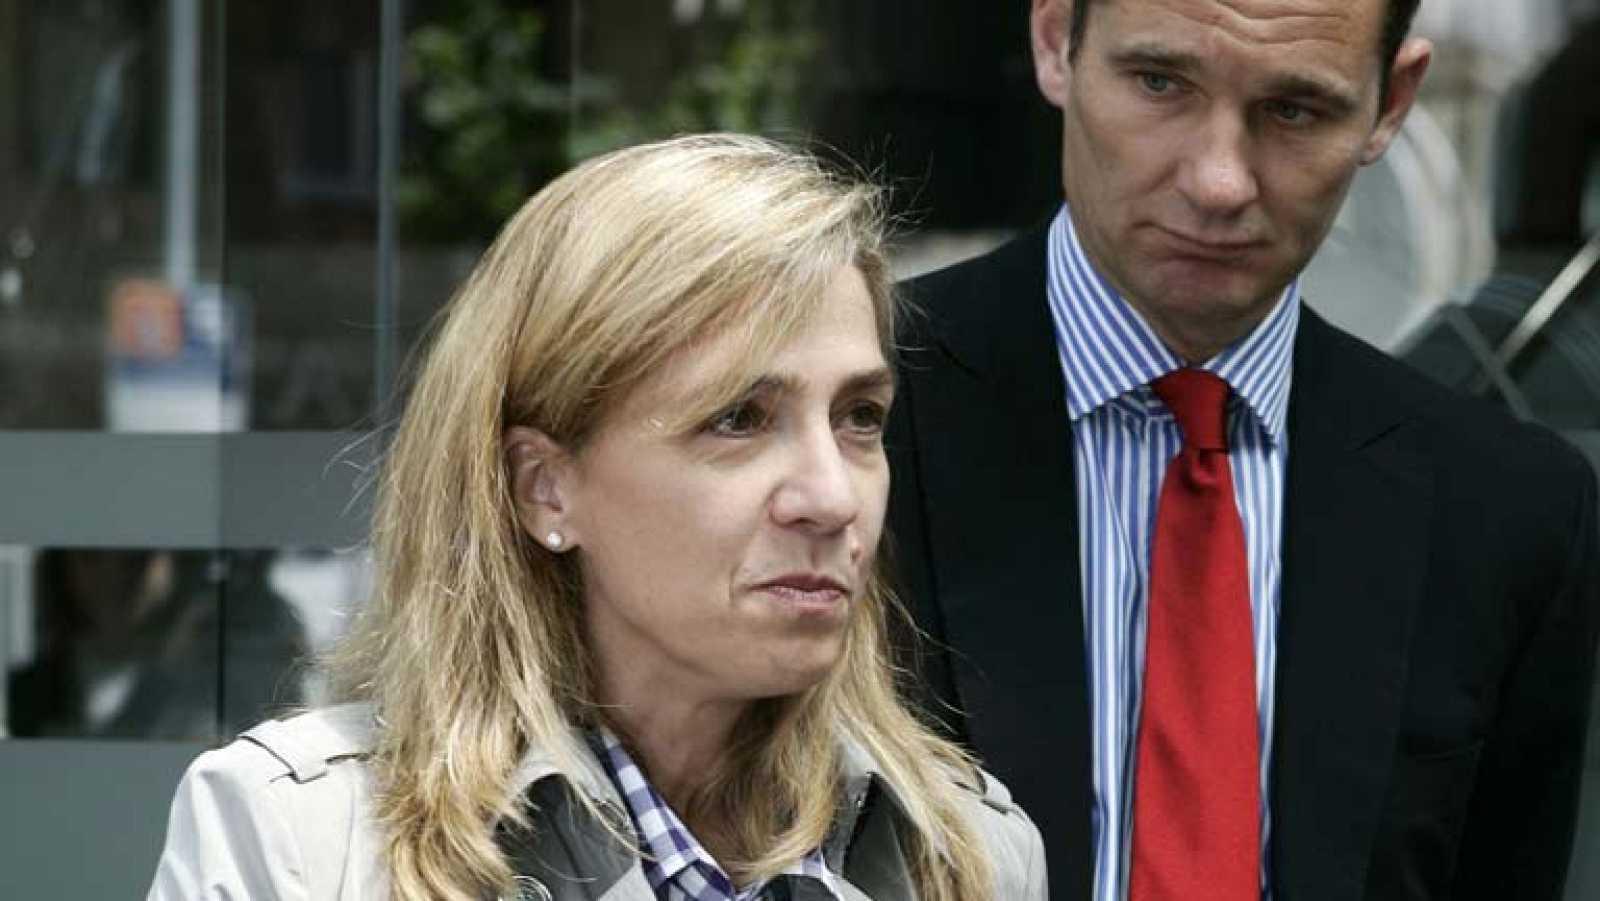 La Policía Nacional recomienda que la infanta Cristina no baje la rampa a pie por seguridad